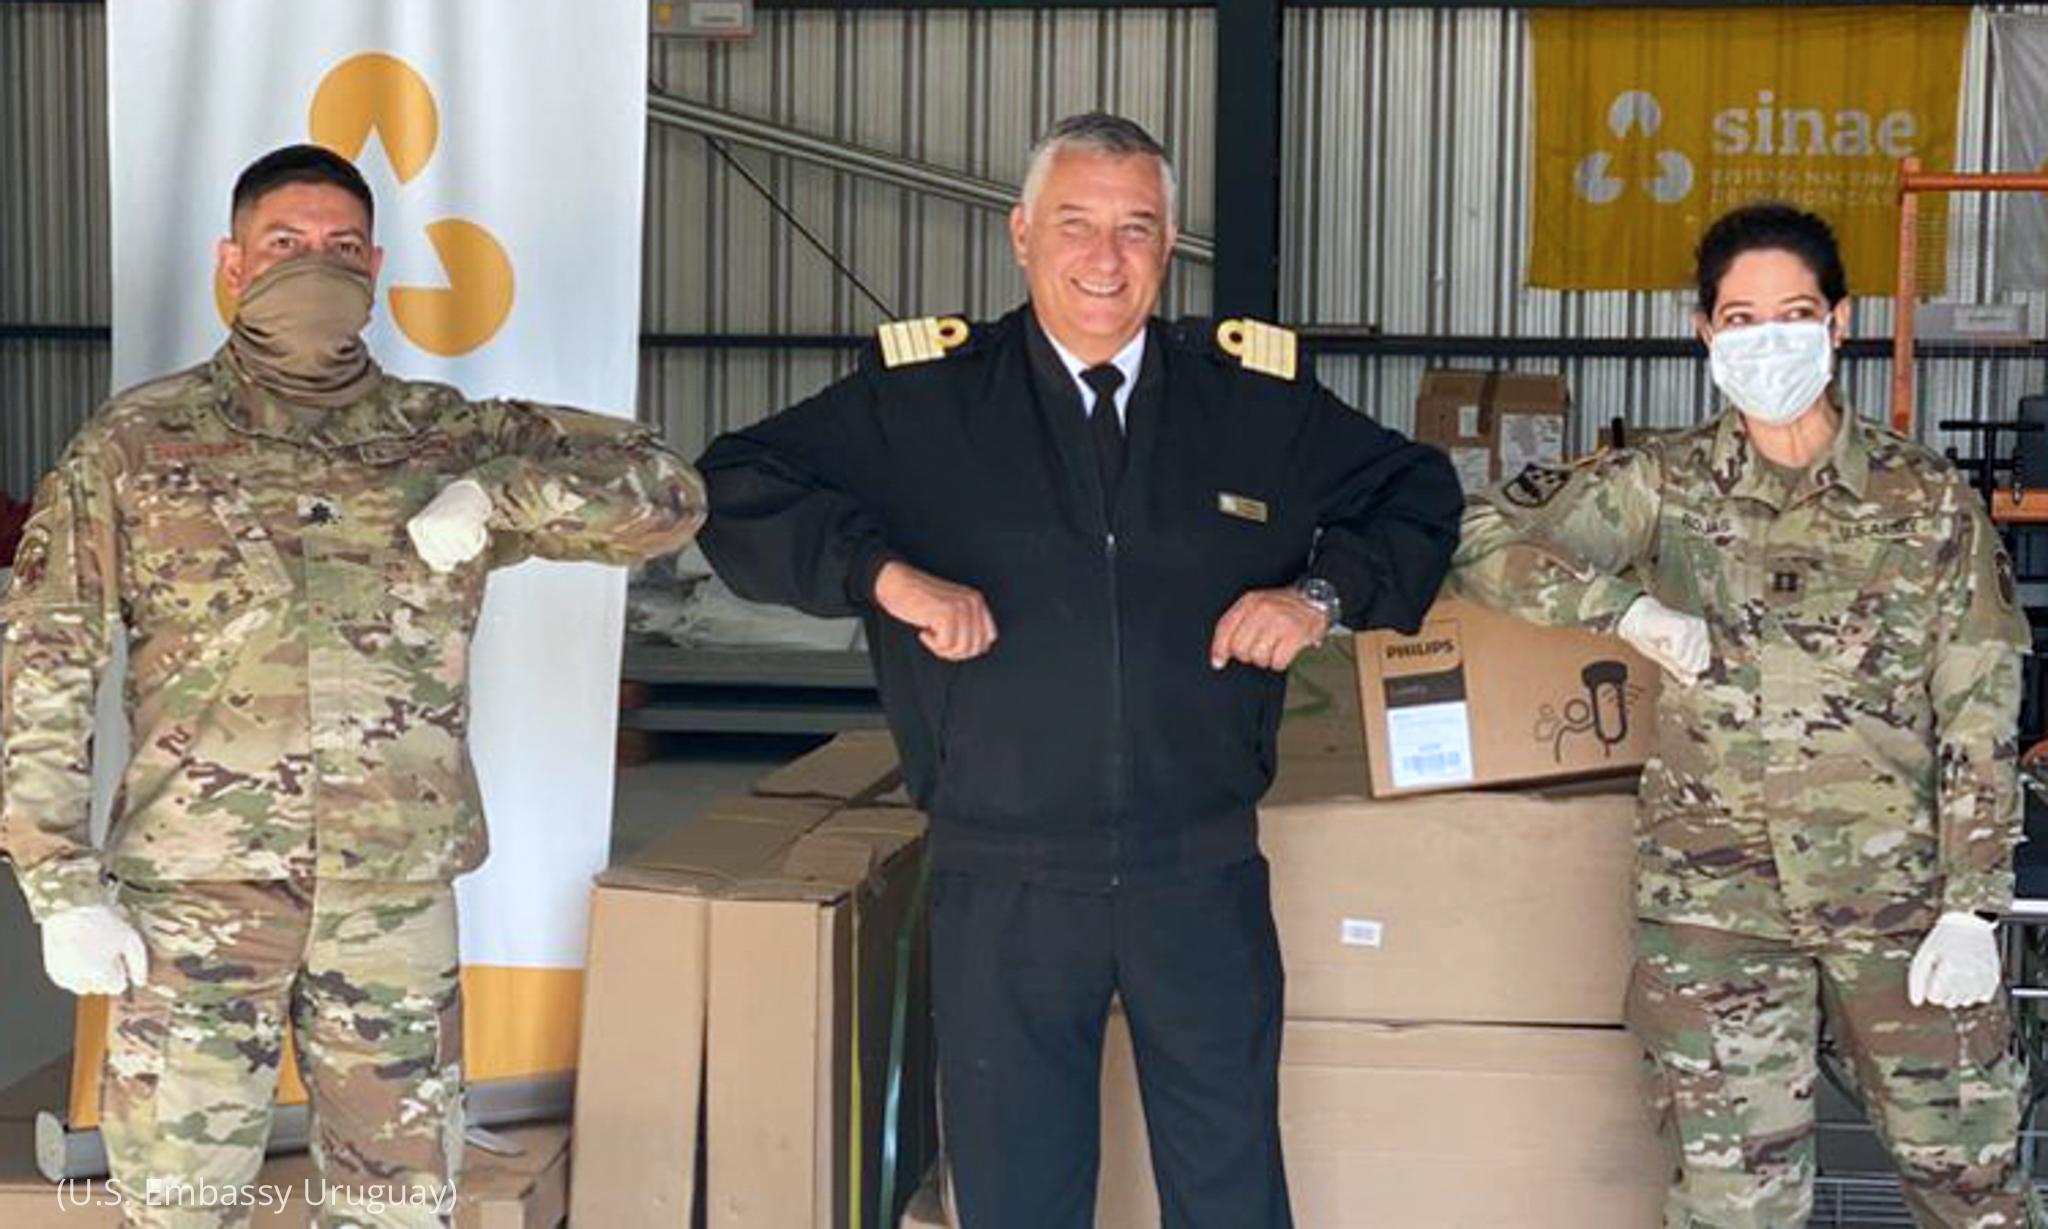 منہ پر ماسک اور ہاتھوں پر دستانے پہنے ہوئے دو فوجی درمیان میں کھڑے افسر کے کی کہنیوں کو اپنی کہنیوں سے چھو رہے ہیں۔ (U.S. Embassy Uruguay)